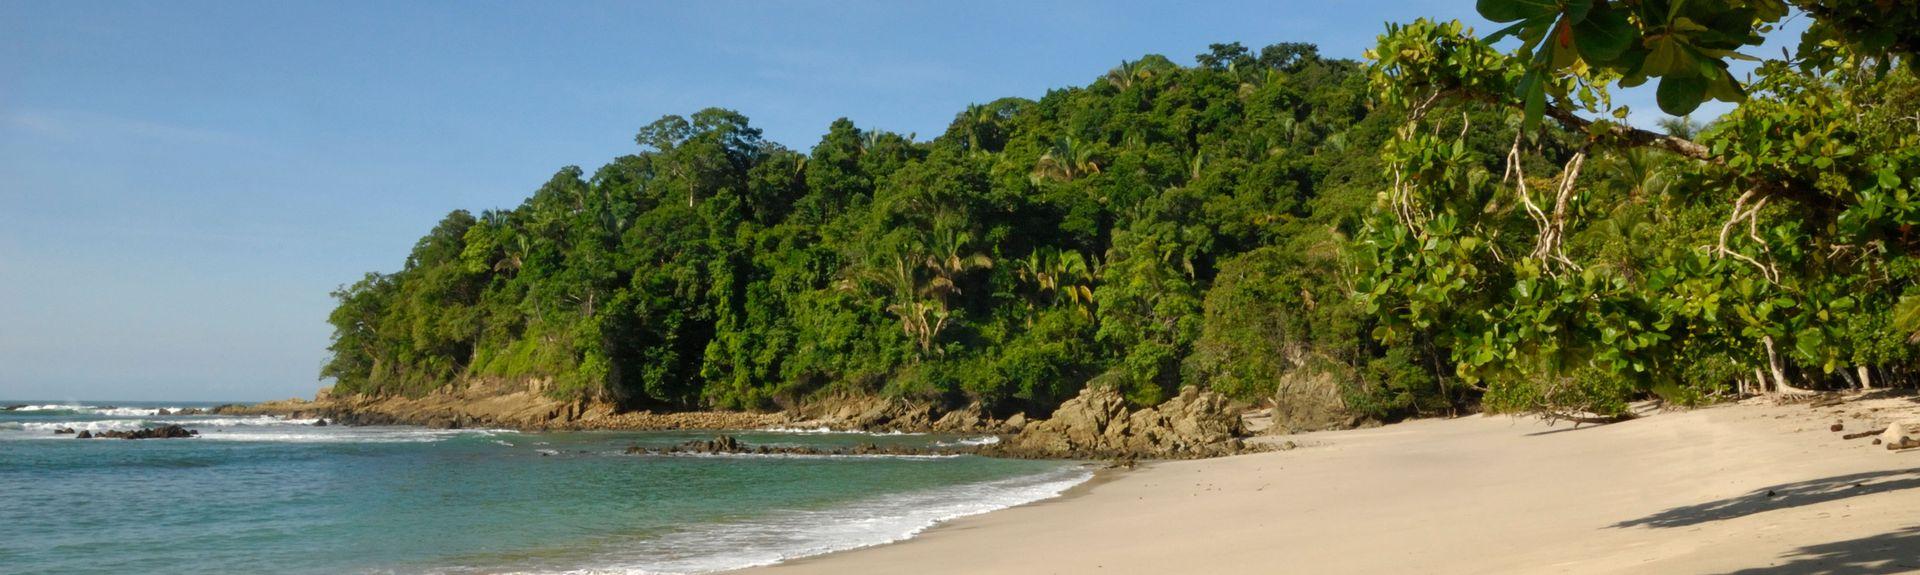 Manuel Antonio, Puntarenas, Costa Rica